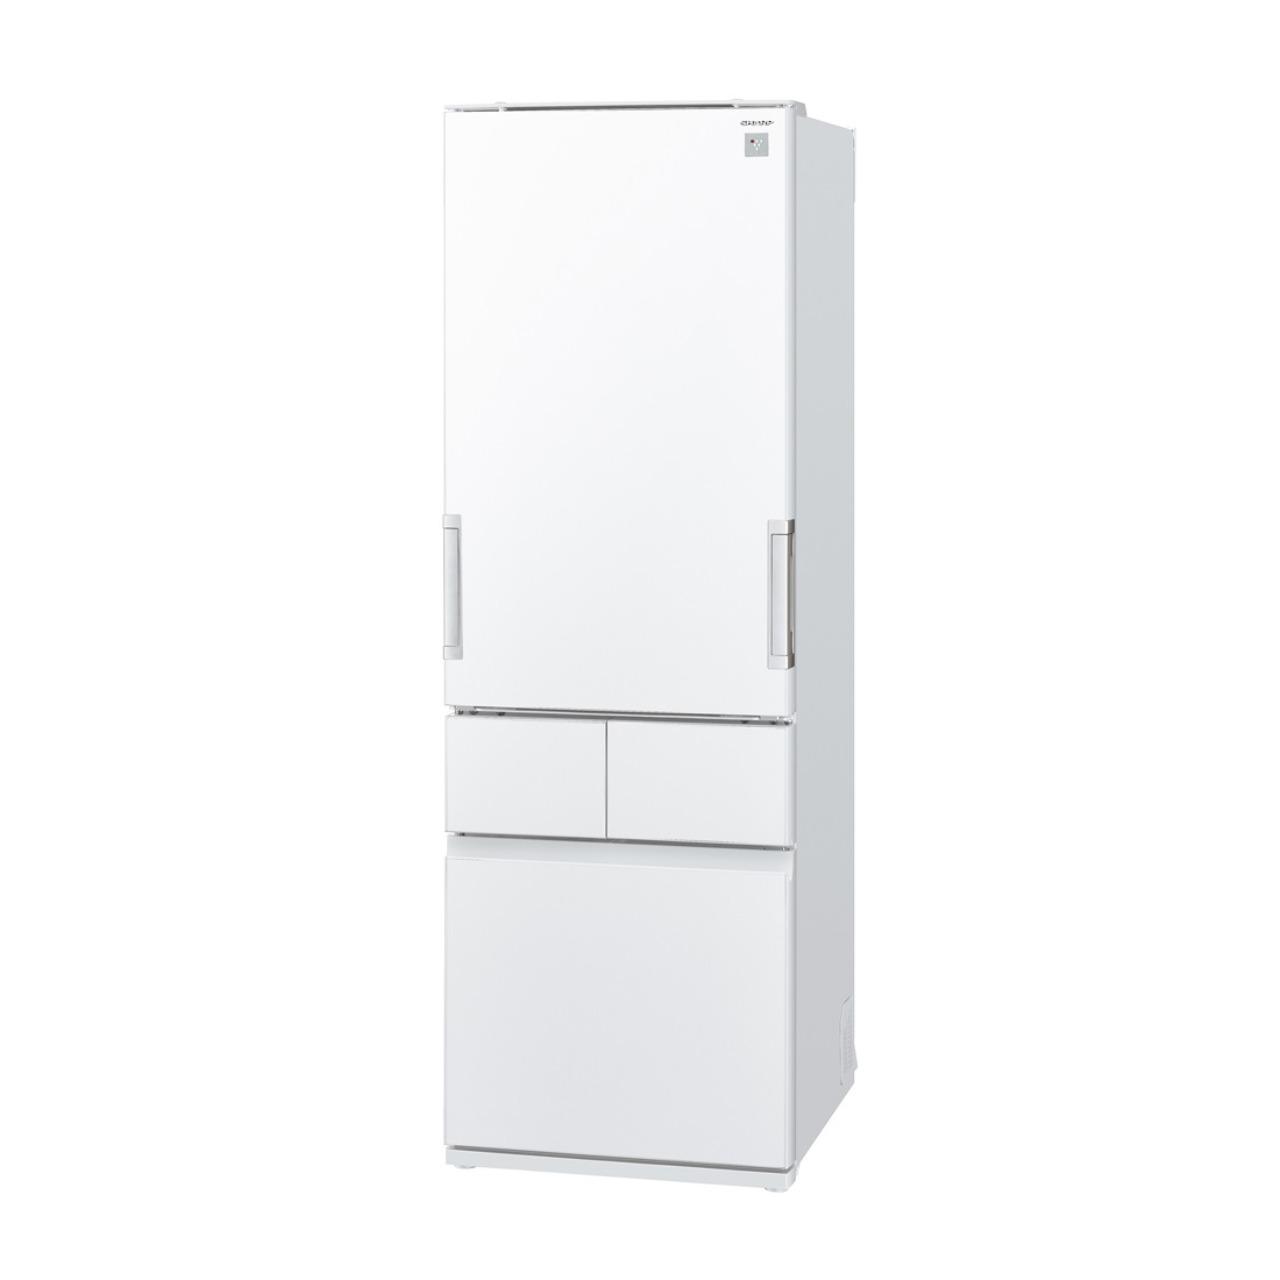 シャープSJ-GT41B冷蔵庫